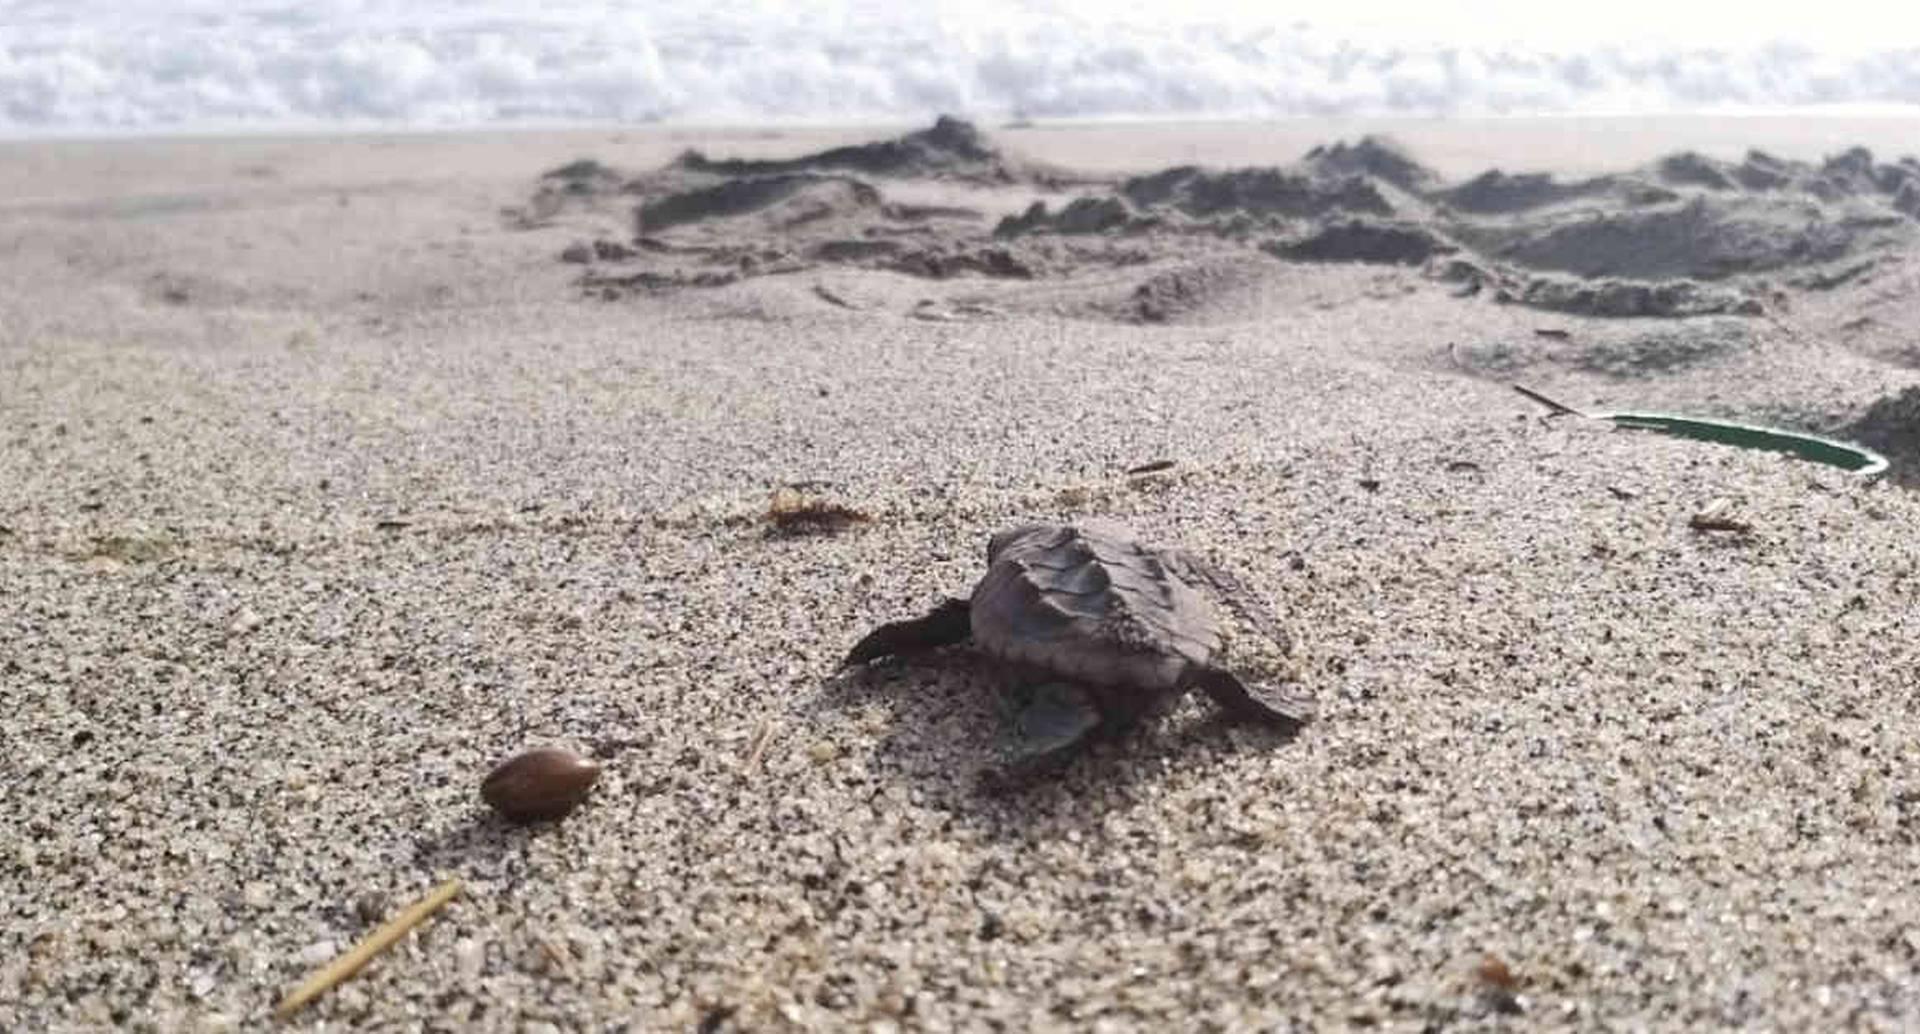 El nacimiento de las las tortugas Caretta Caretta da cuenta del buen estado de conservación en el que se encuentra esta área protegida. Foto: PNN